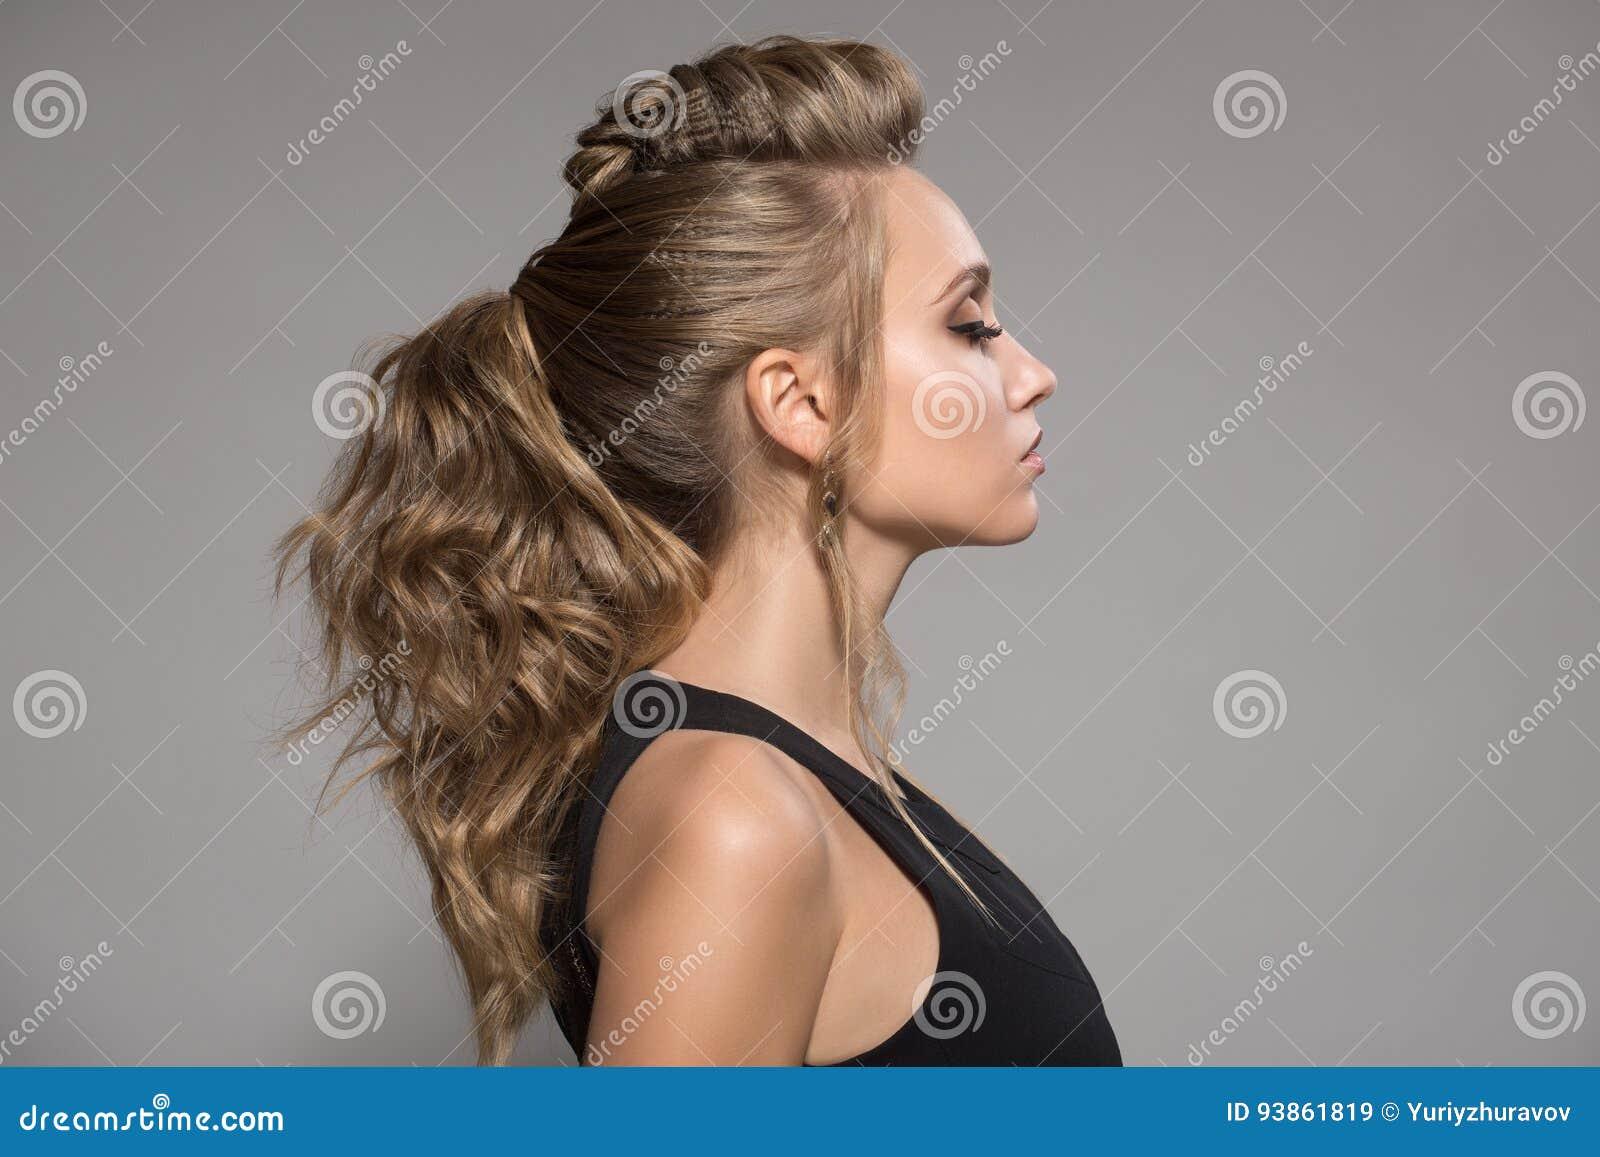 Schöne Frau Im Schwarzen Kleid Frisur Und Helles Make Up